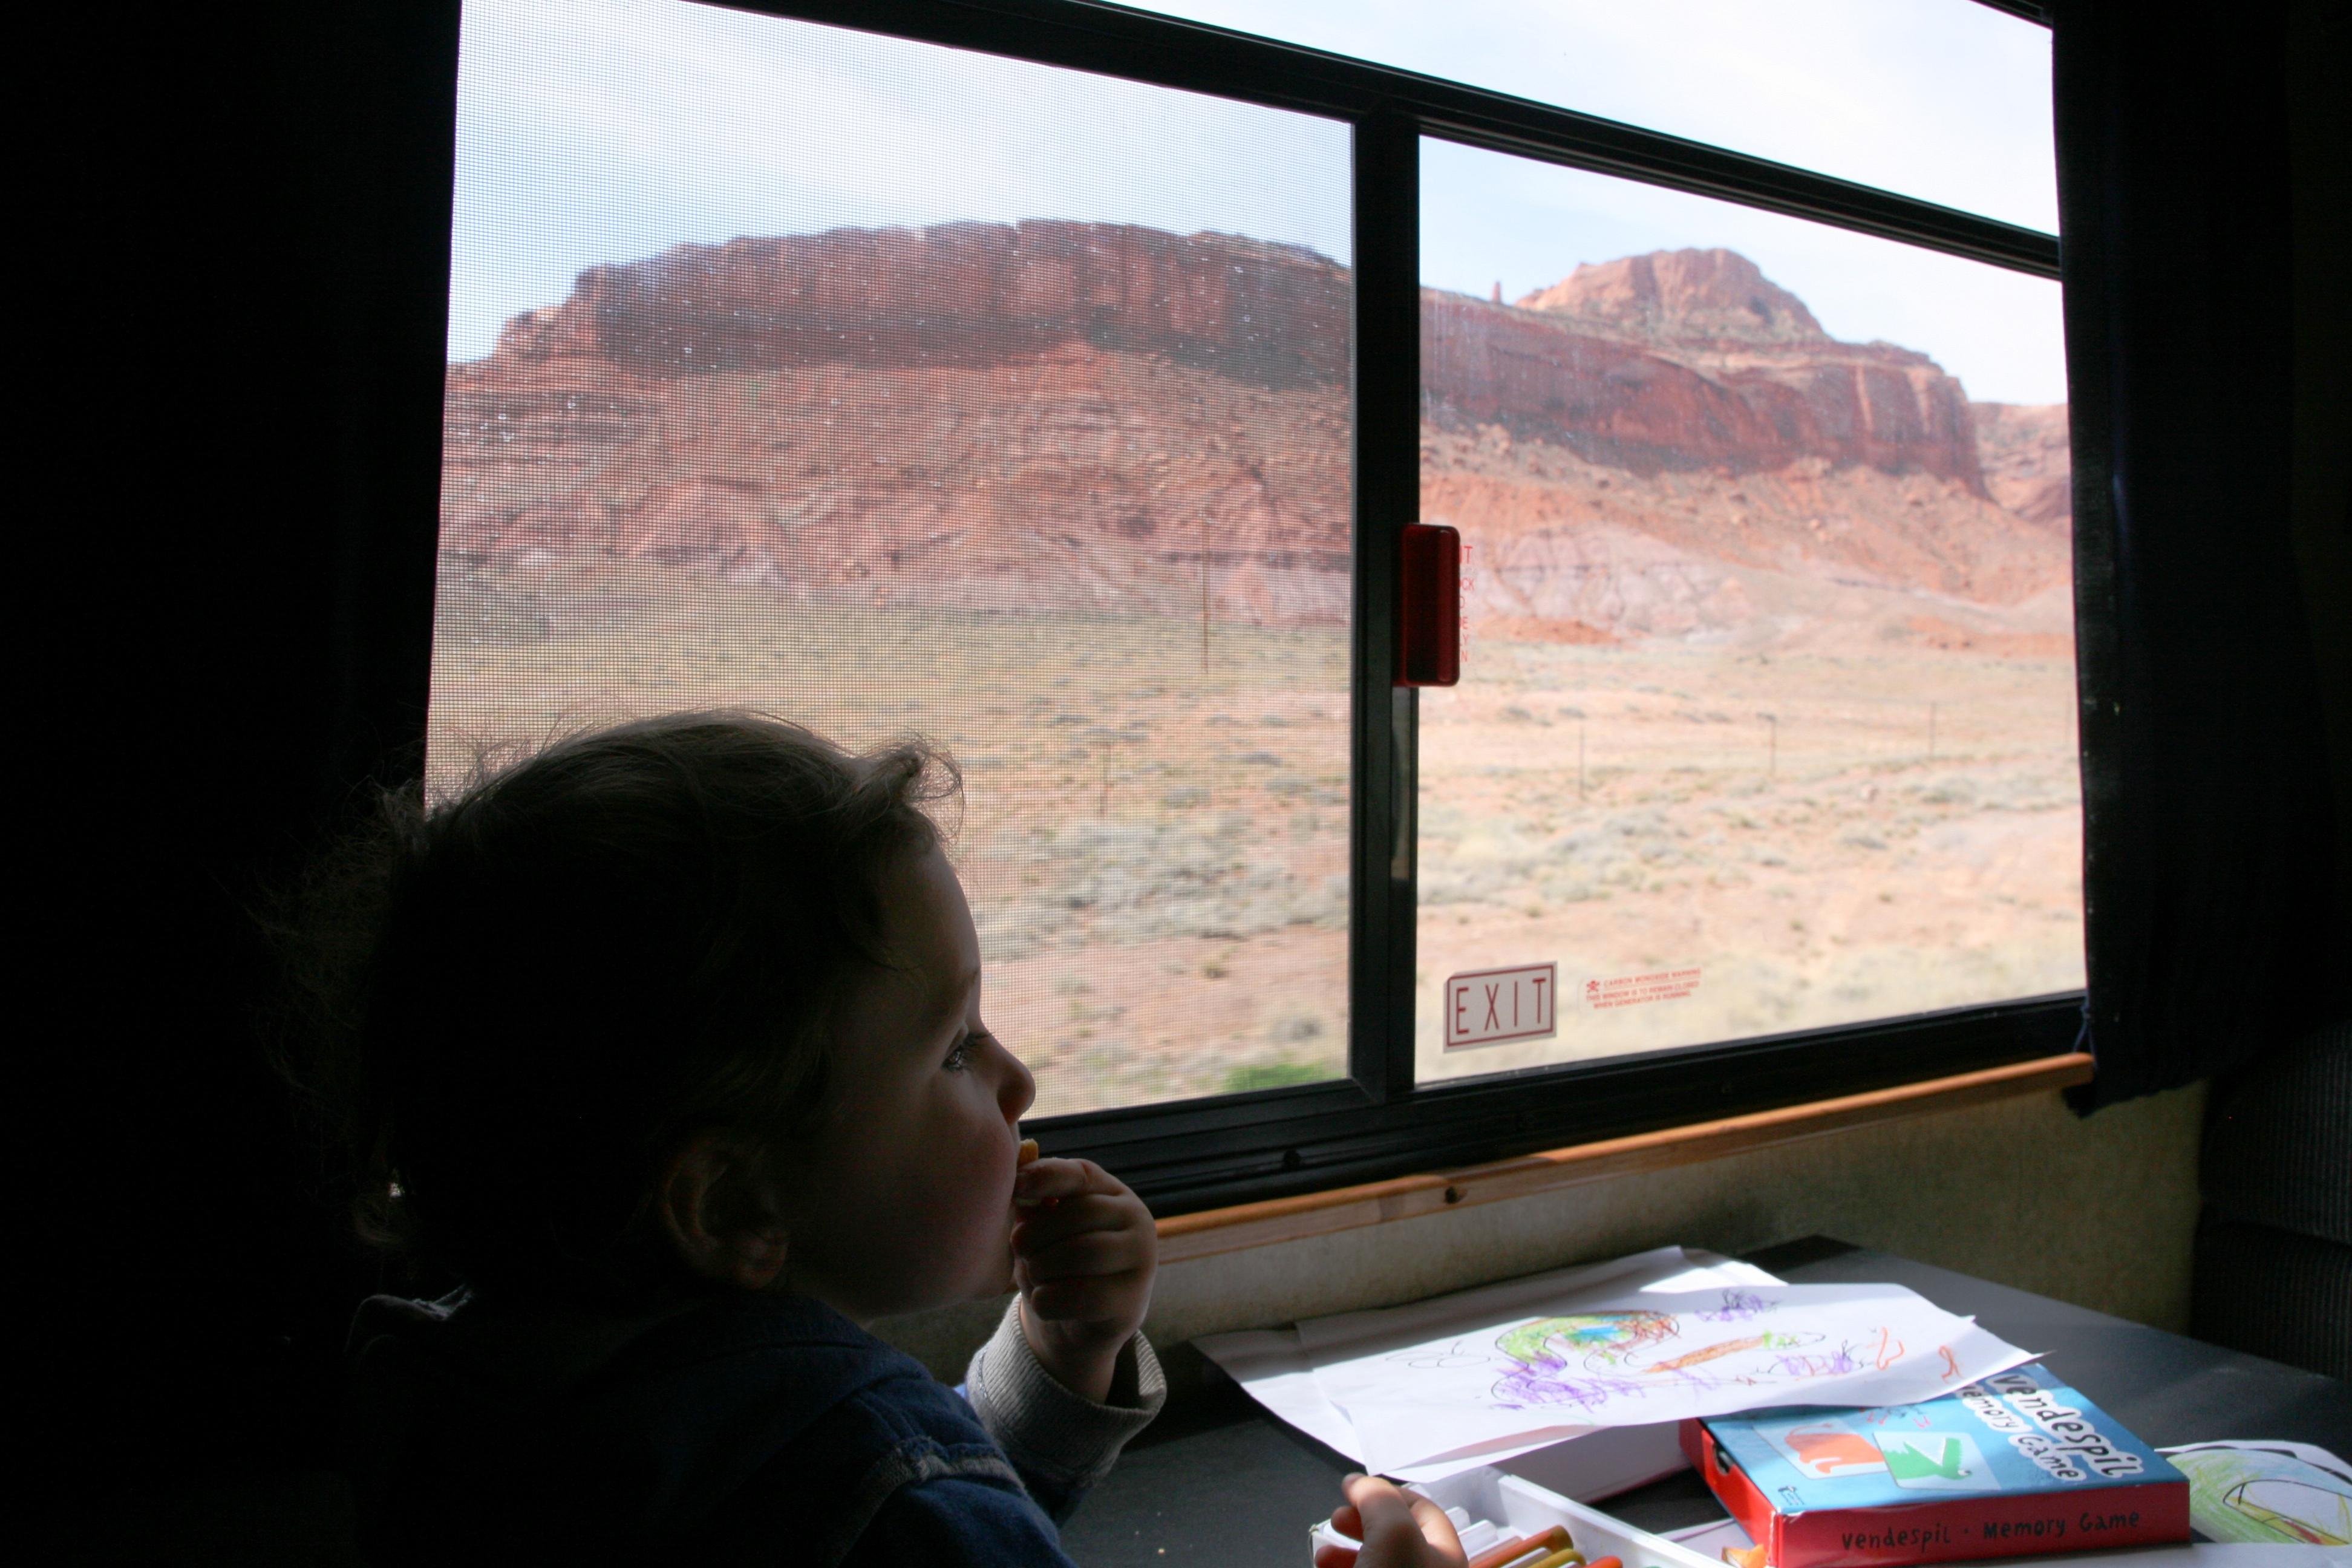 bambino che guarda dal finestrino del camper la monument valley